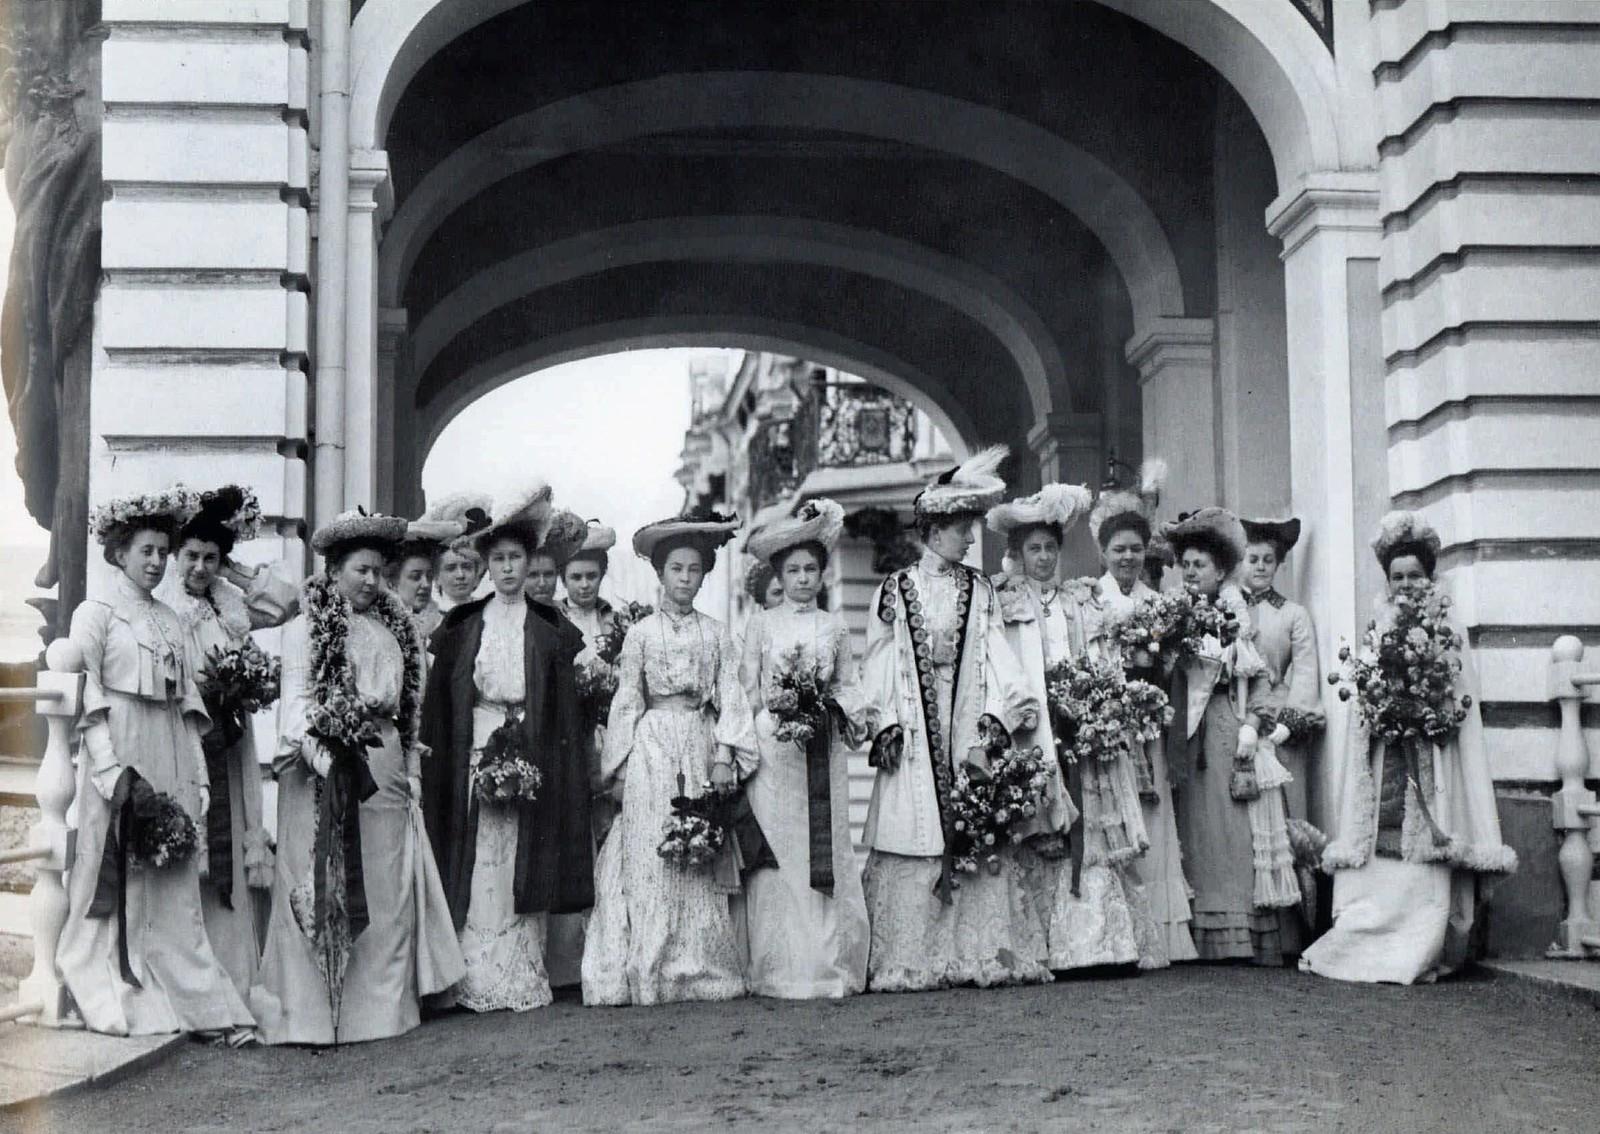 1903. Придворные дамы у Екатерининского дворца. Царское село. Апрель